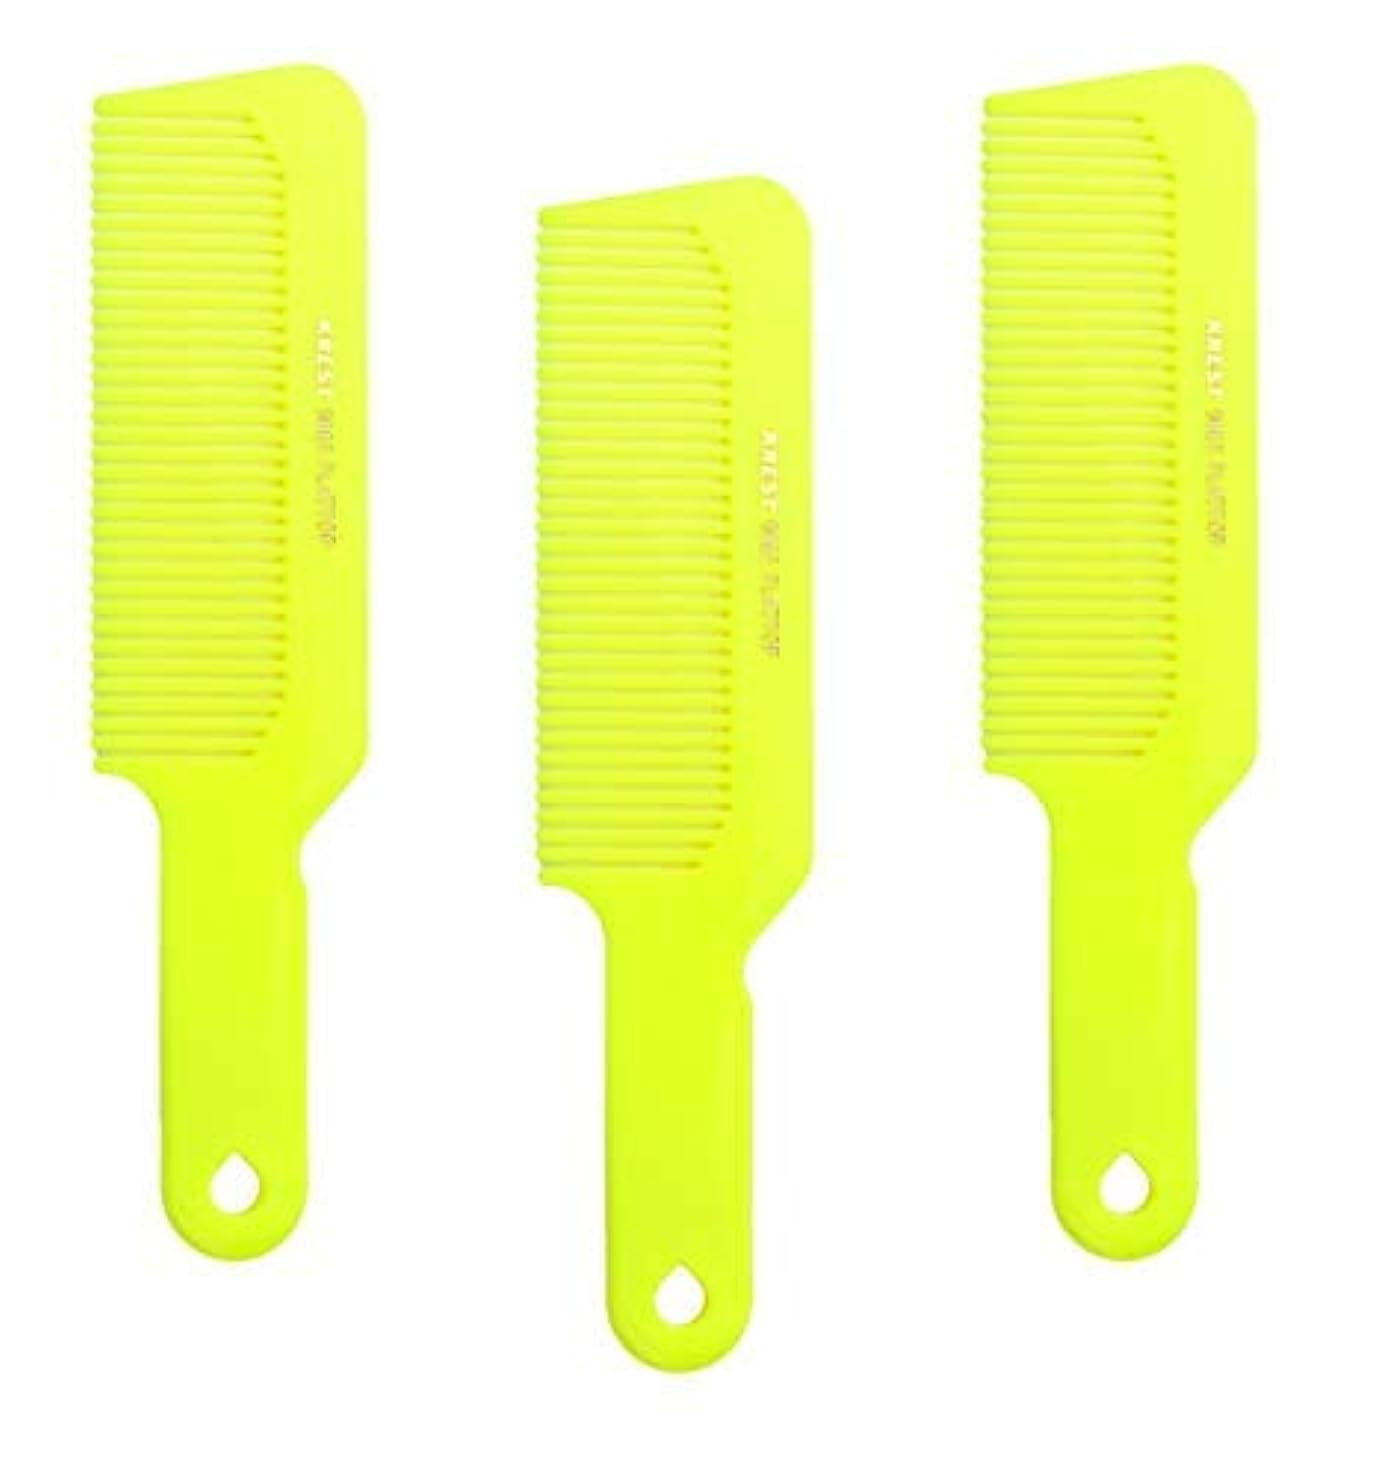 フォルダタクシー韓国語Hair Comb 8-3/4 Flattop Hair Cutting Comb. Barbers Hairdresser Comb. Model 9001. 3 Combs (Neon Yellow) [並行輸入品]